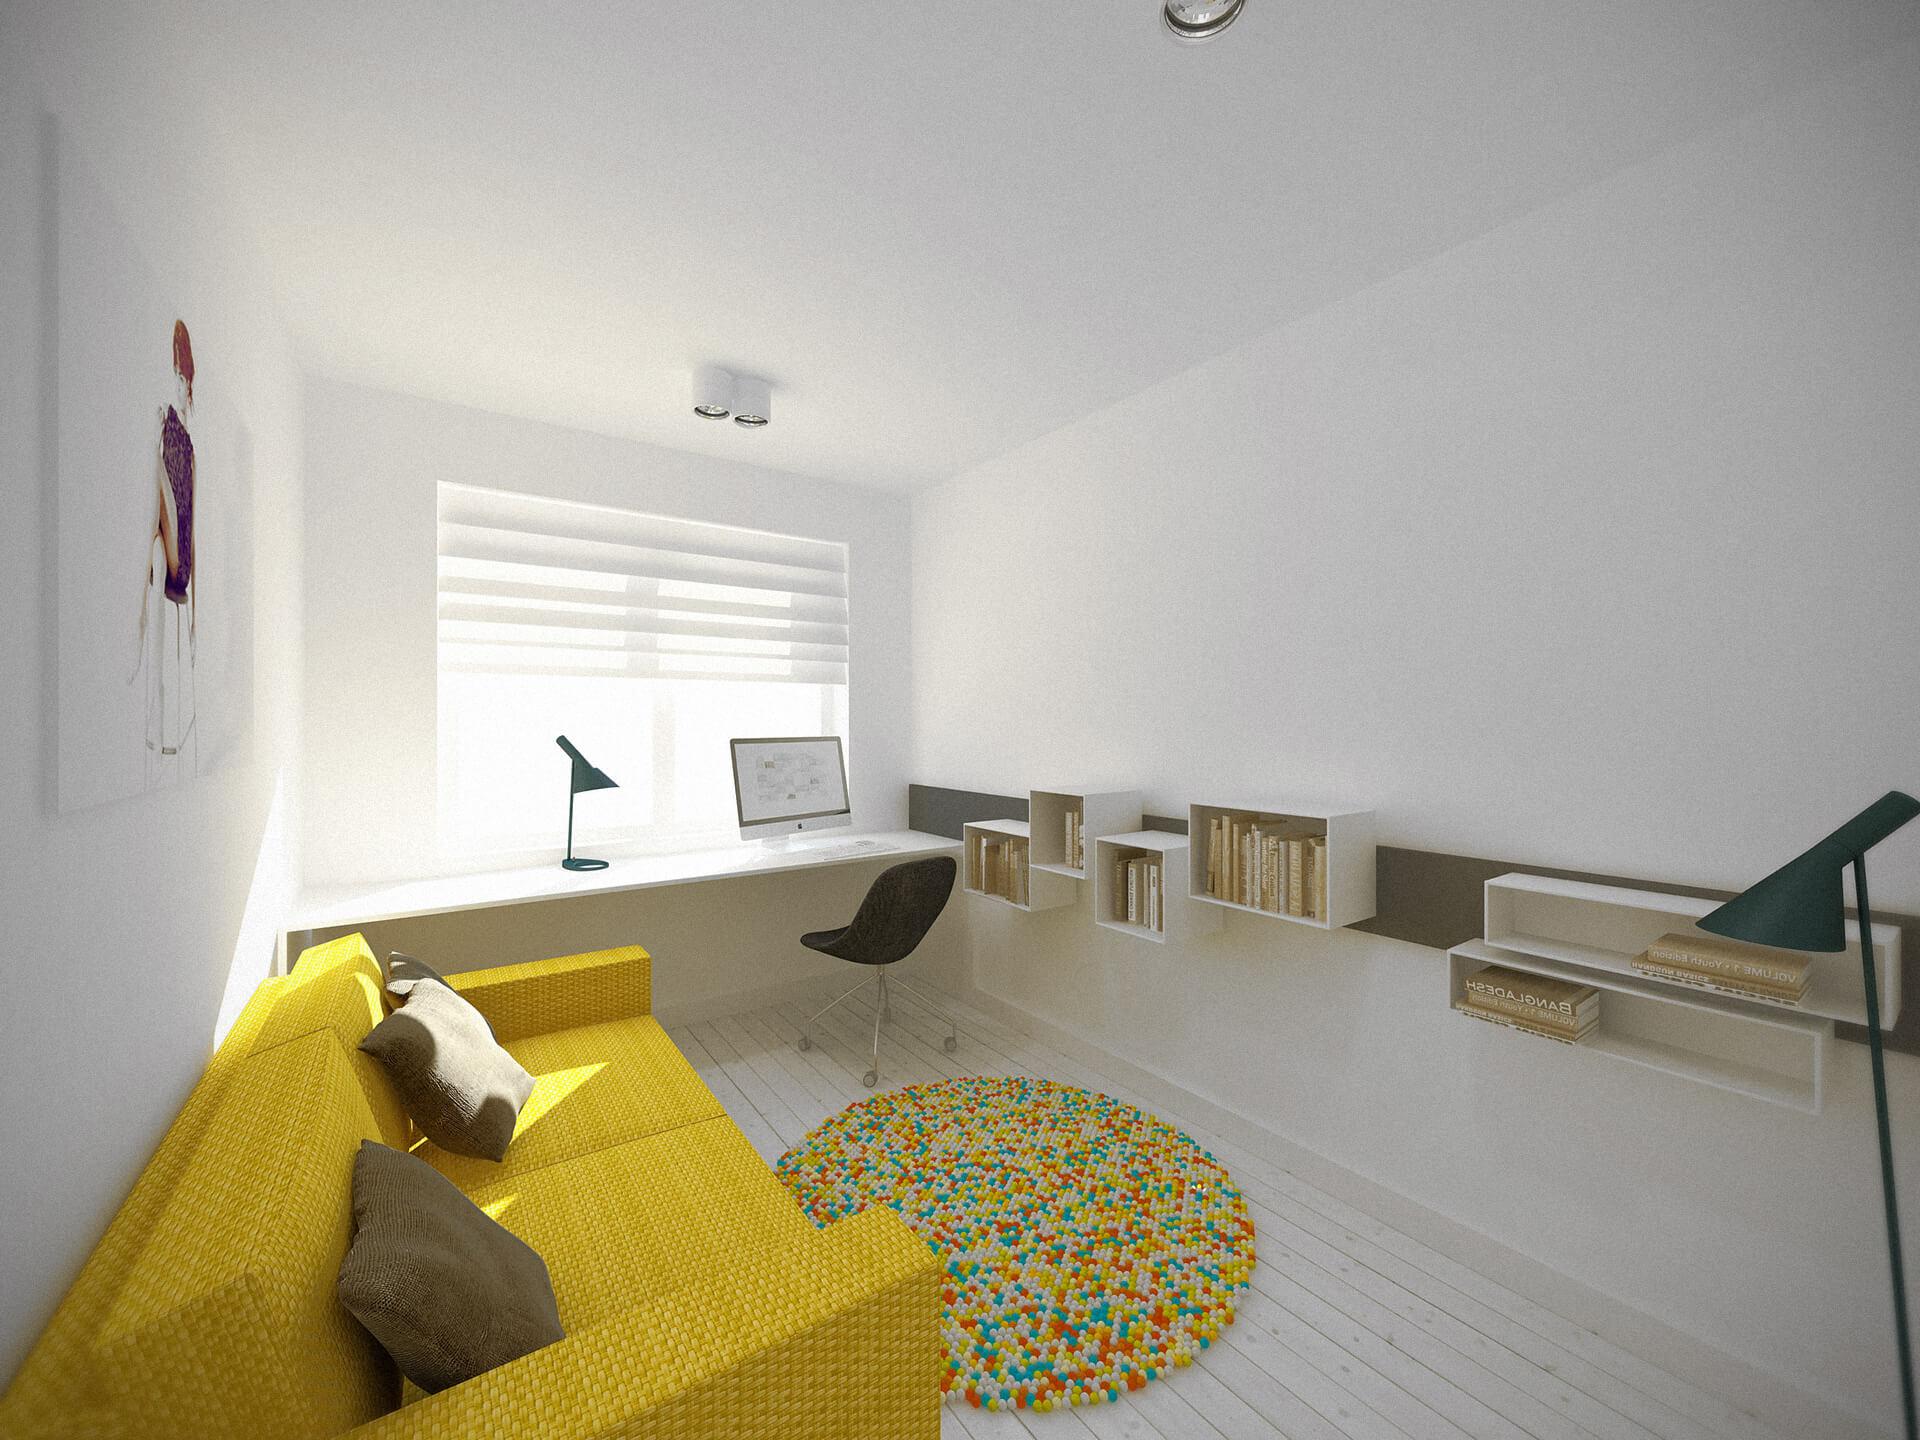 Wnętrza apartamentu - Projekty wnętrz Neostudio Architekci